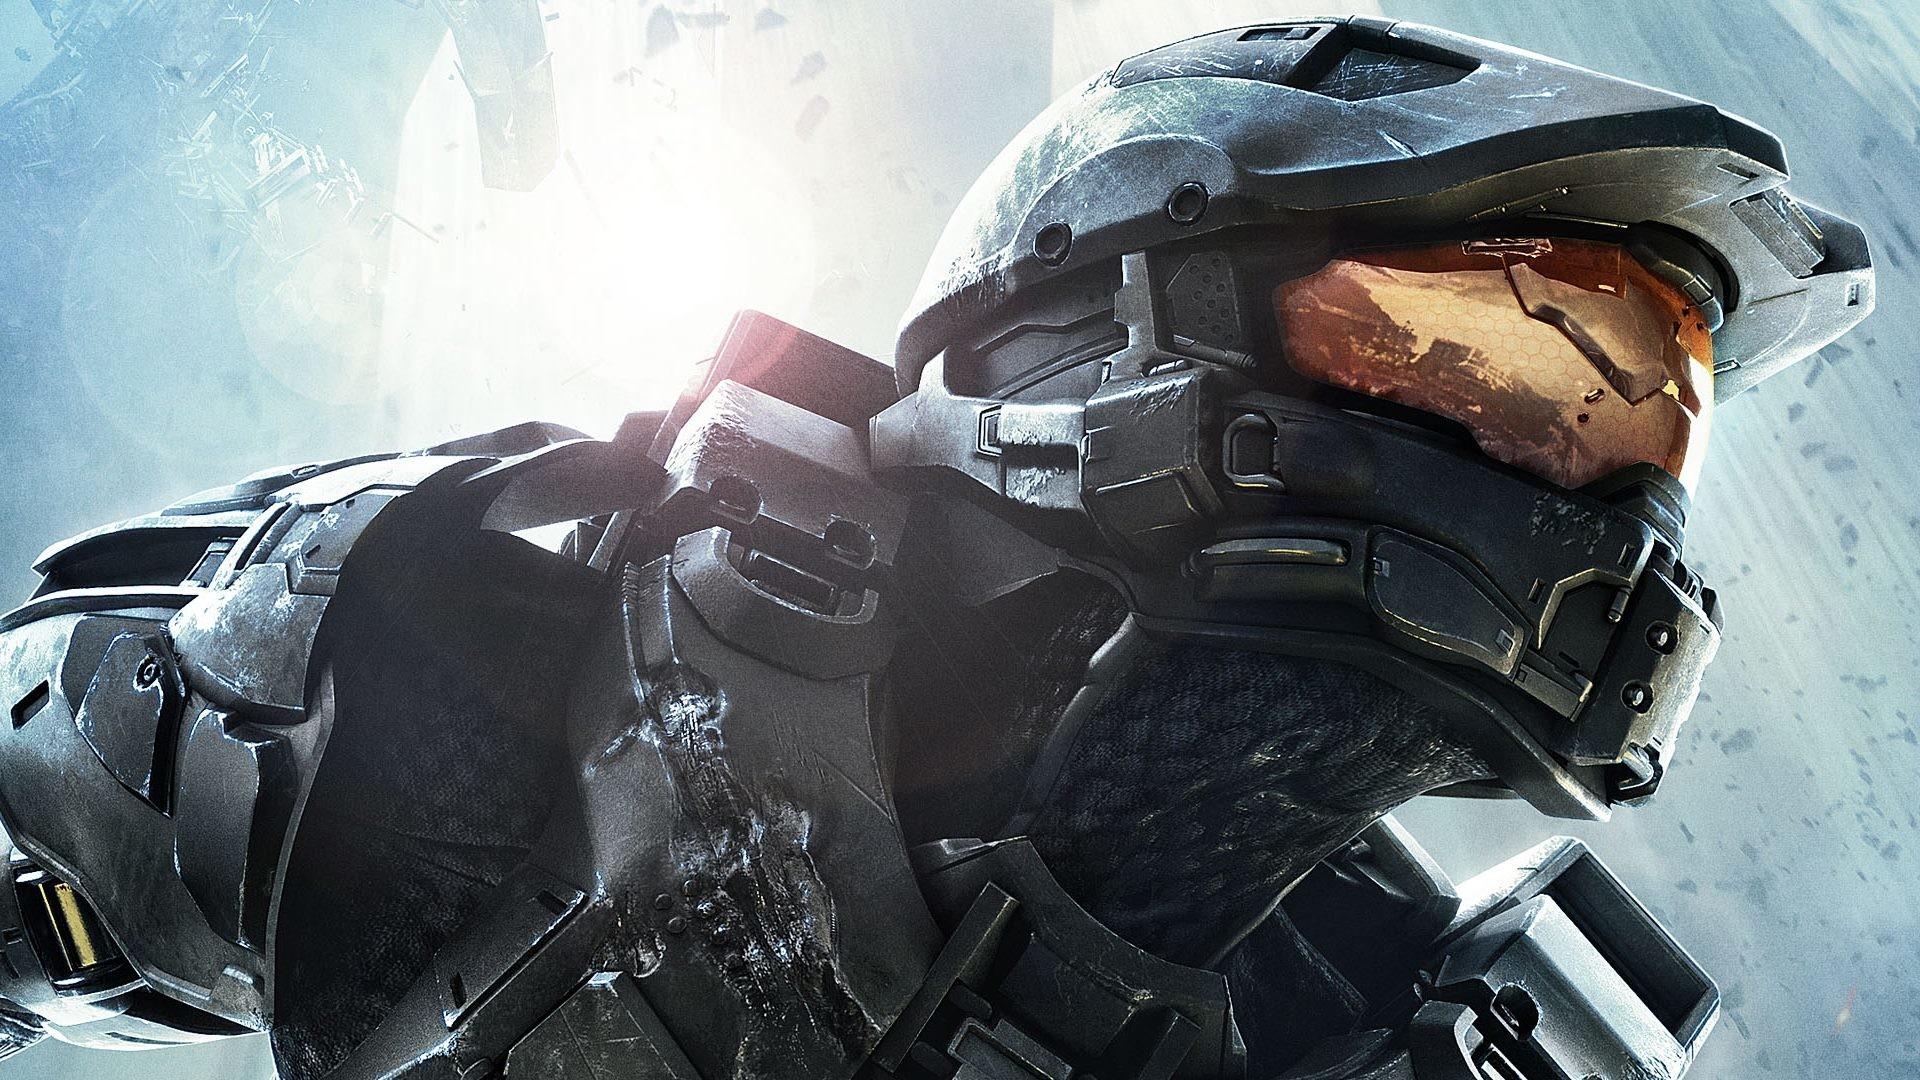 Halo 4 Master Chief Wallpaper Wallpapertag